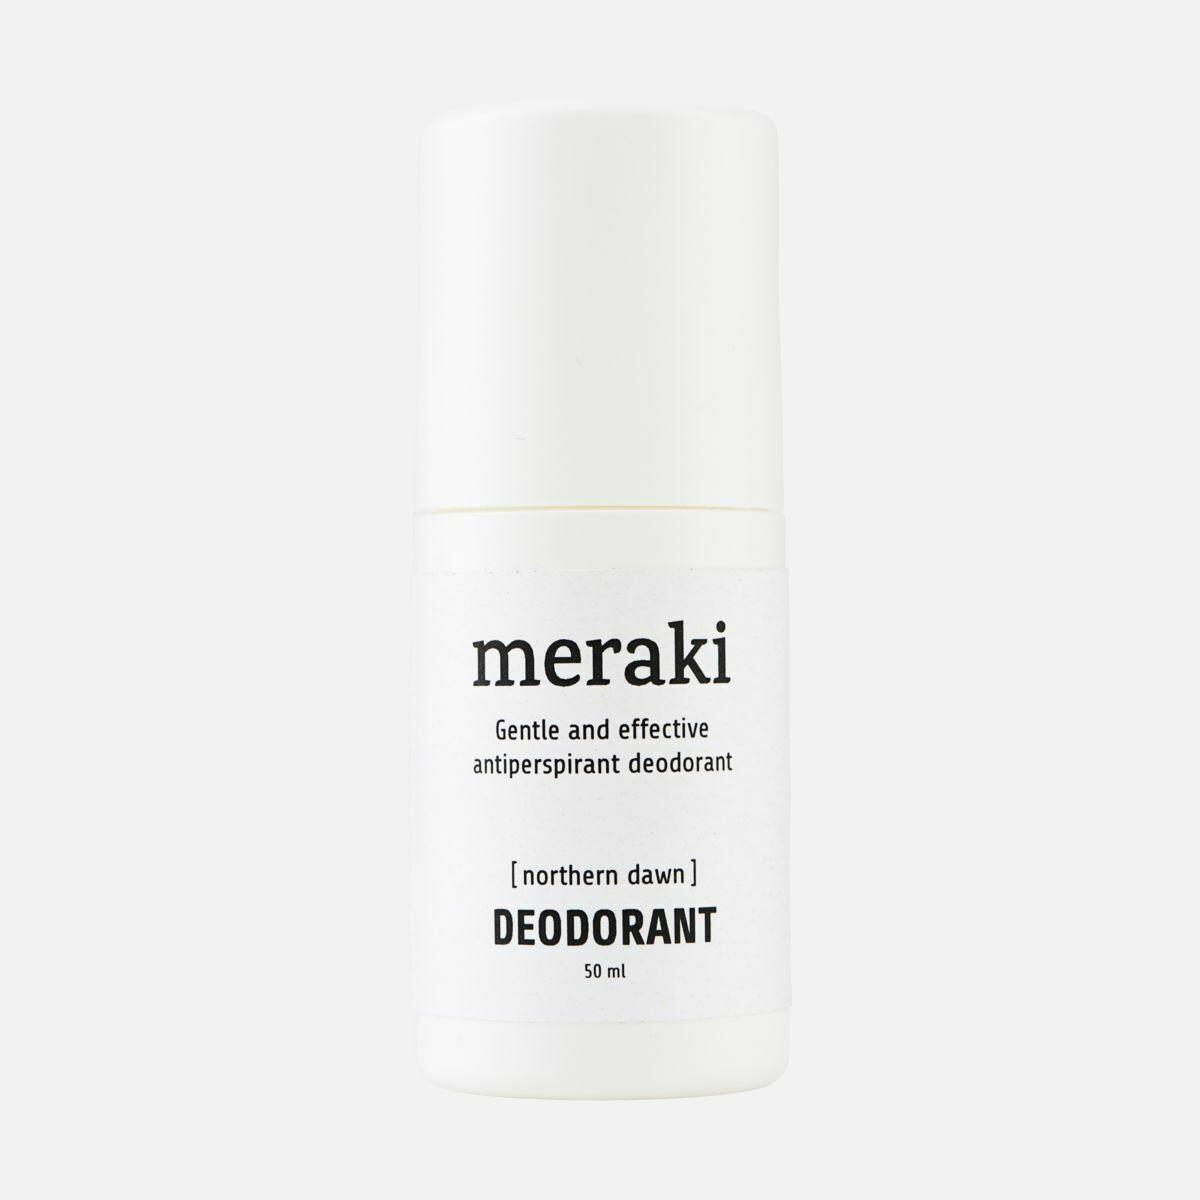 Deodorant, Northern dawn, 50ml